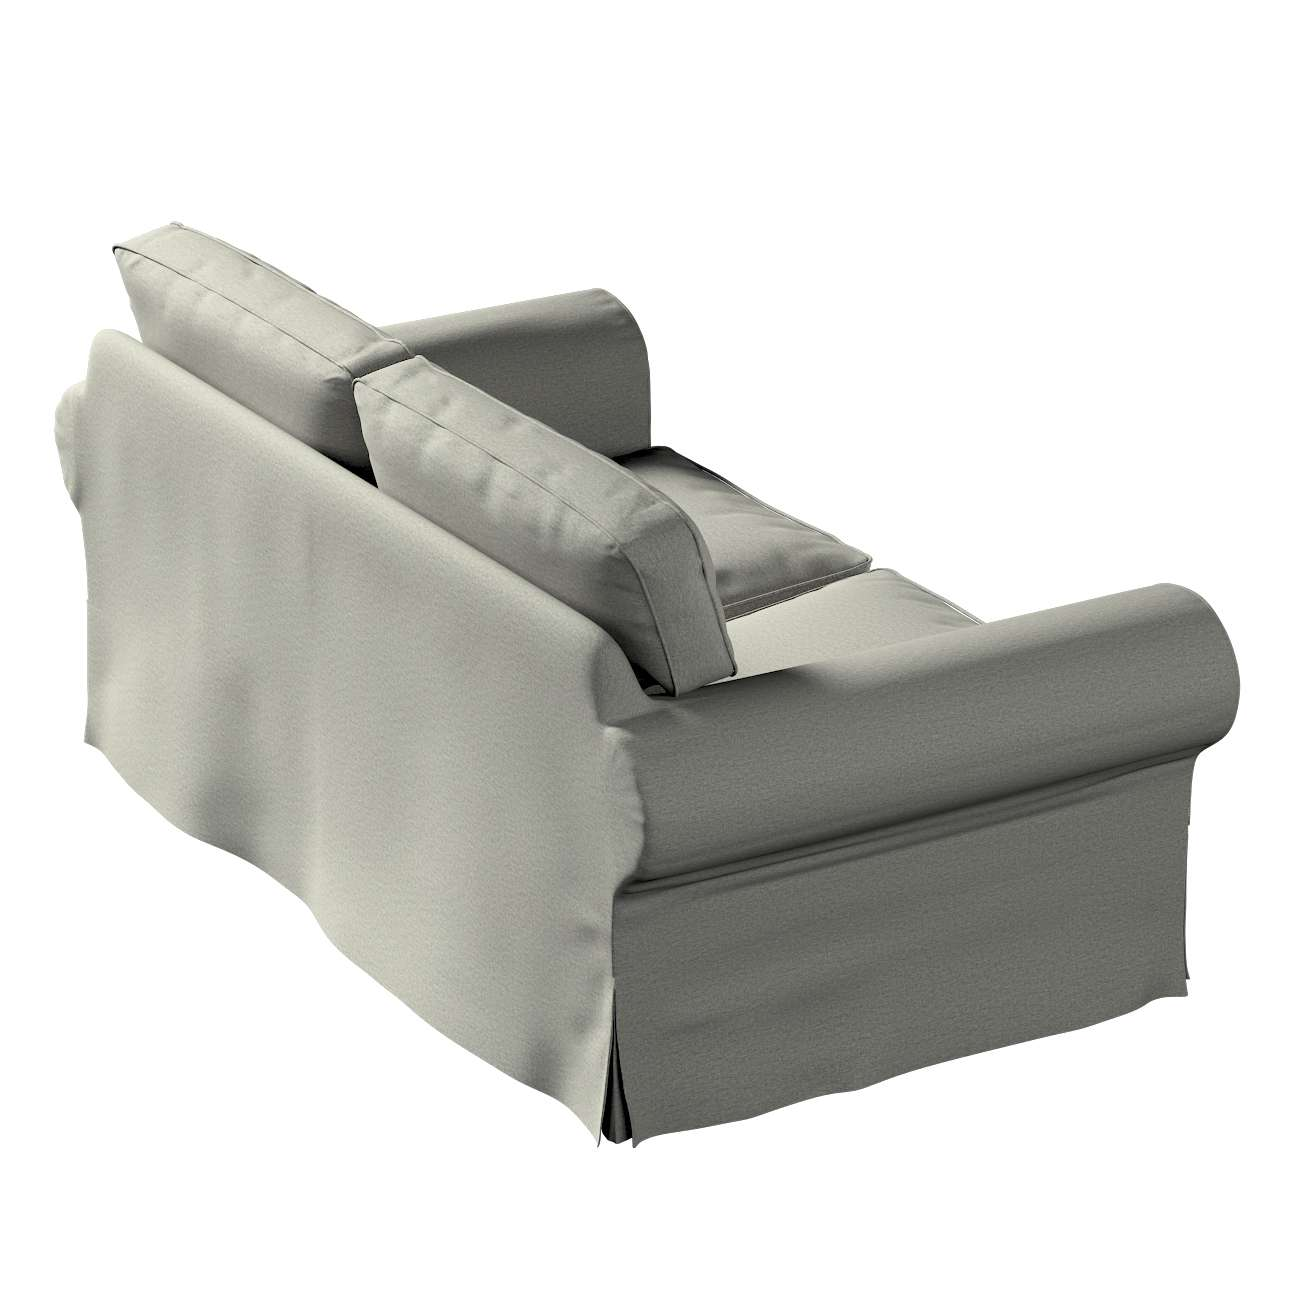 Pokrowiec na sofę Ektorp 2-osobową rozkładaną, model po 2012 w kolekcji Etna, tkanina: 161-25